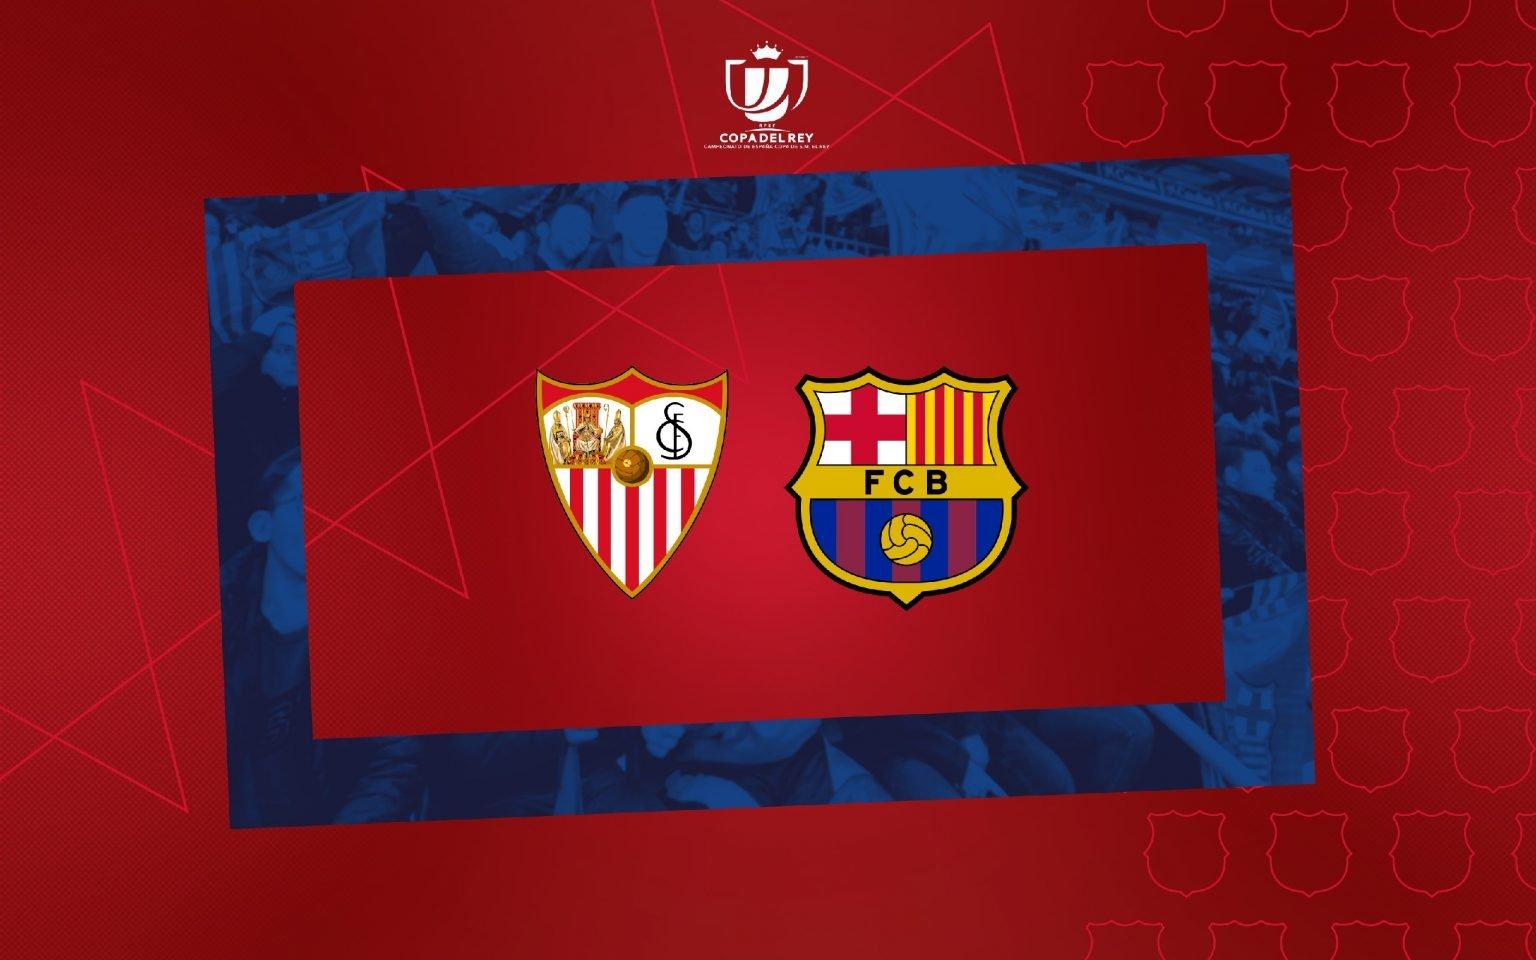 CHÍNH THỨC! Bốc thăm bán kết cúp Nhà vua: Barcelona gặp khó - Bóng Đá